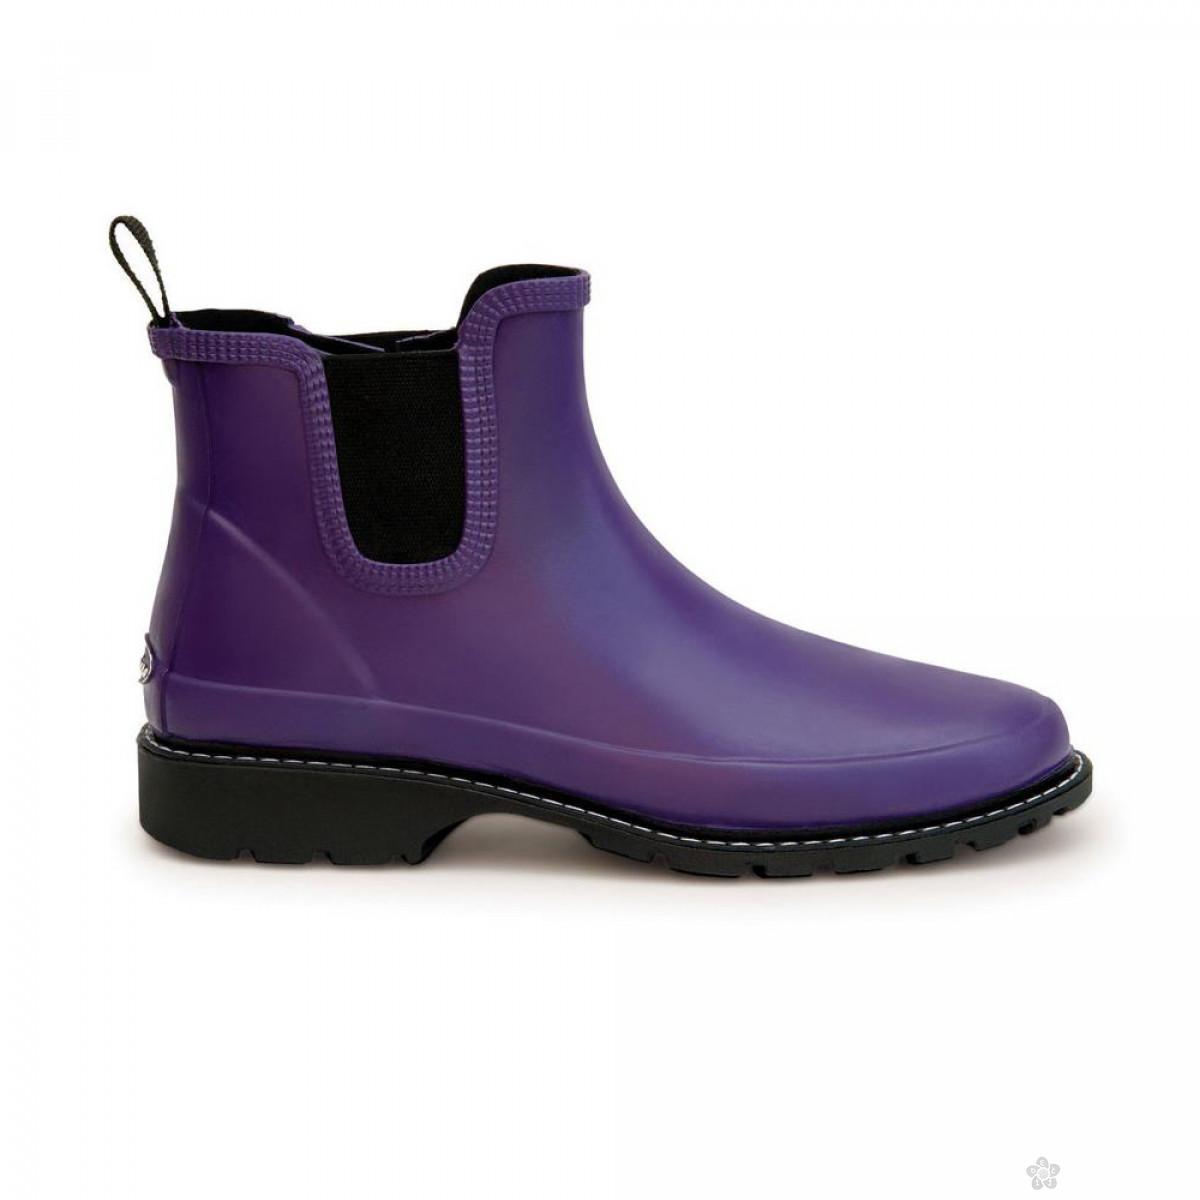 Ženske cipele-gumene